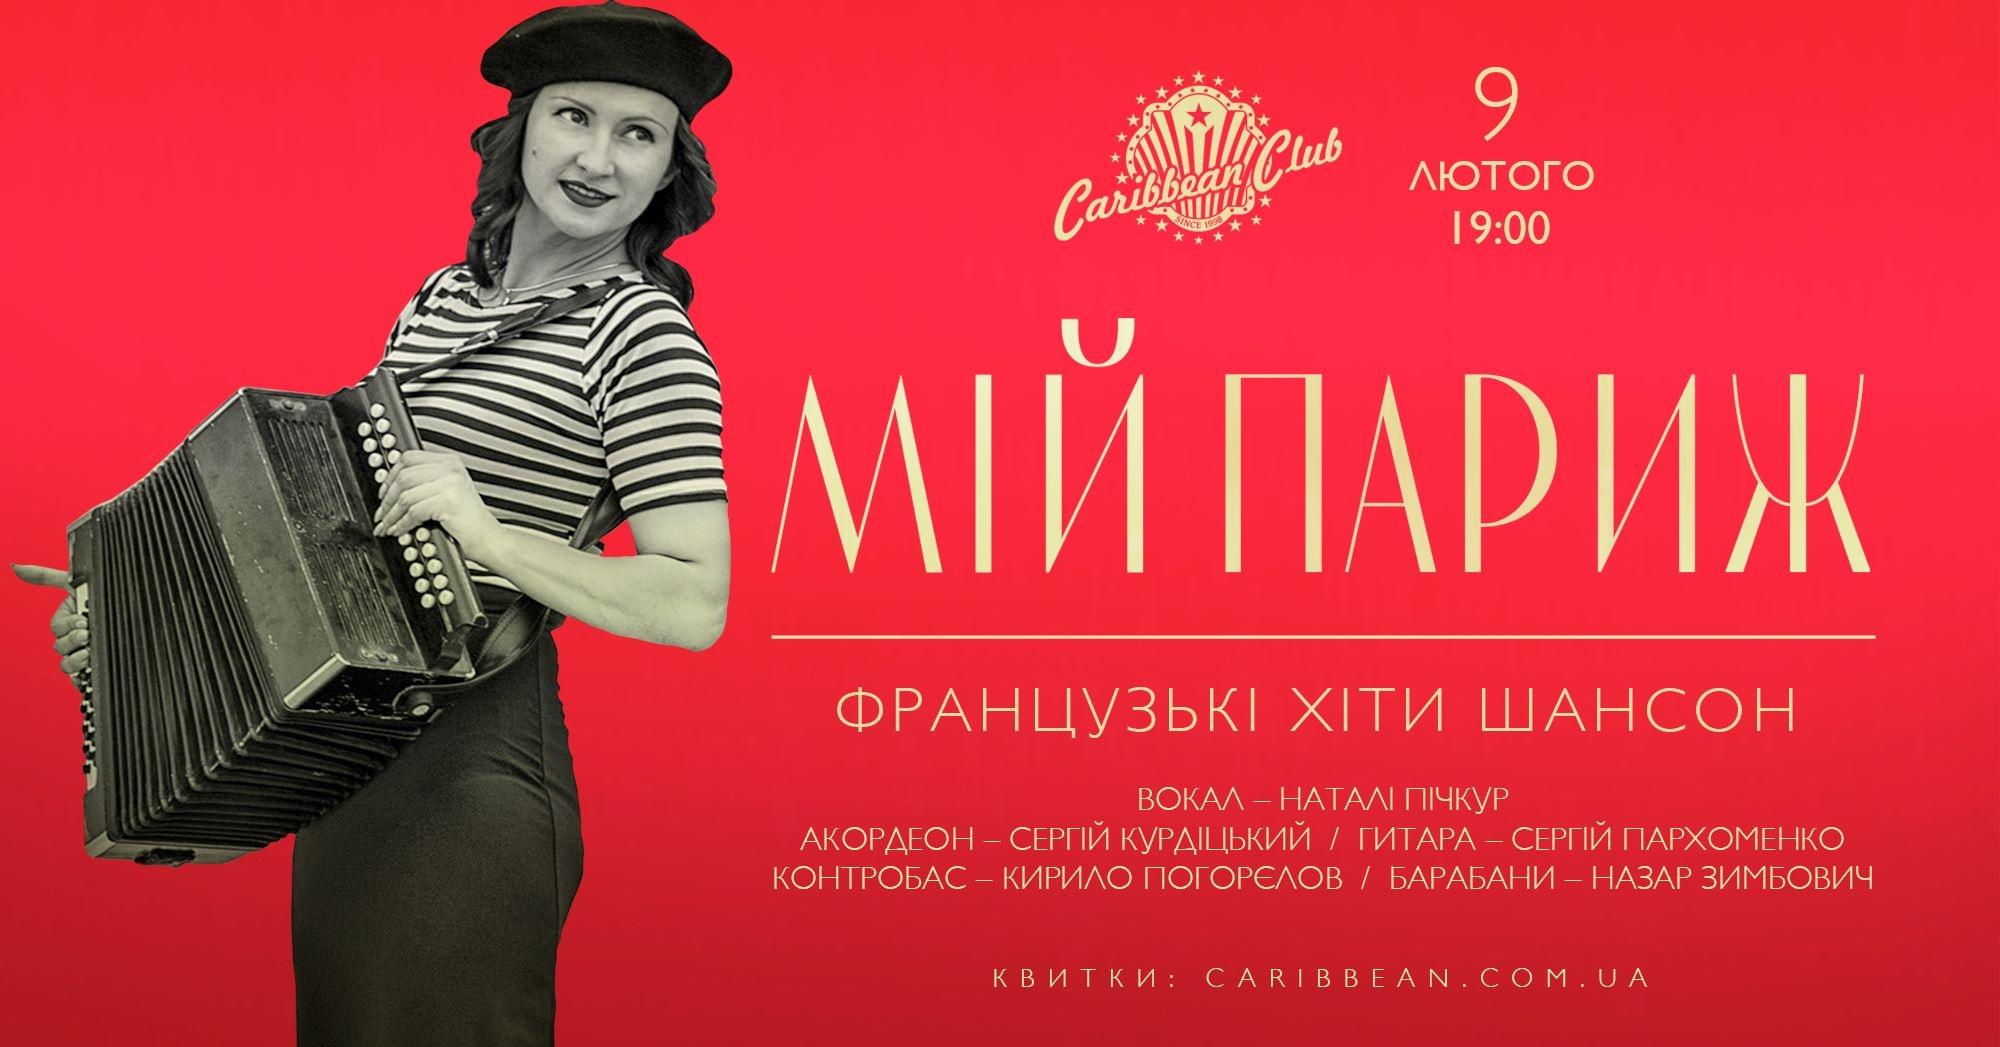 Джаз, свинг, блюз, рок-н-ролл: в Киеве состоится серия музыкальных вечеров - фото №3